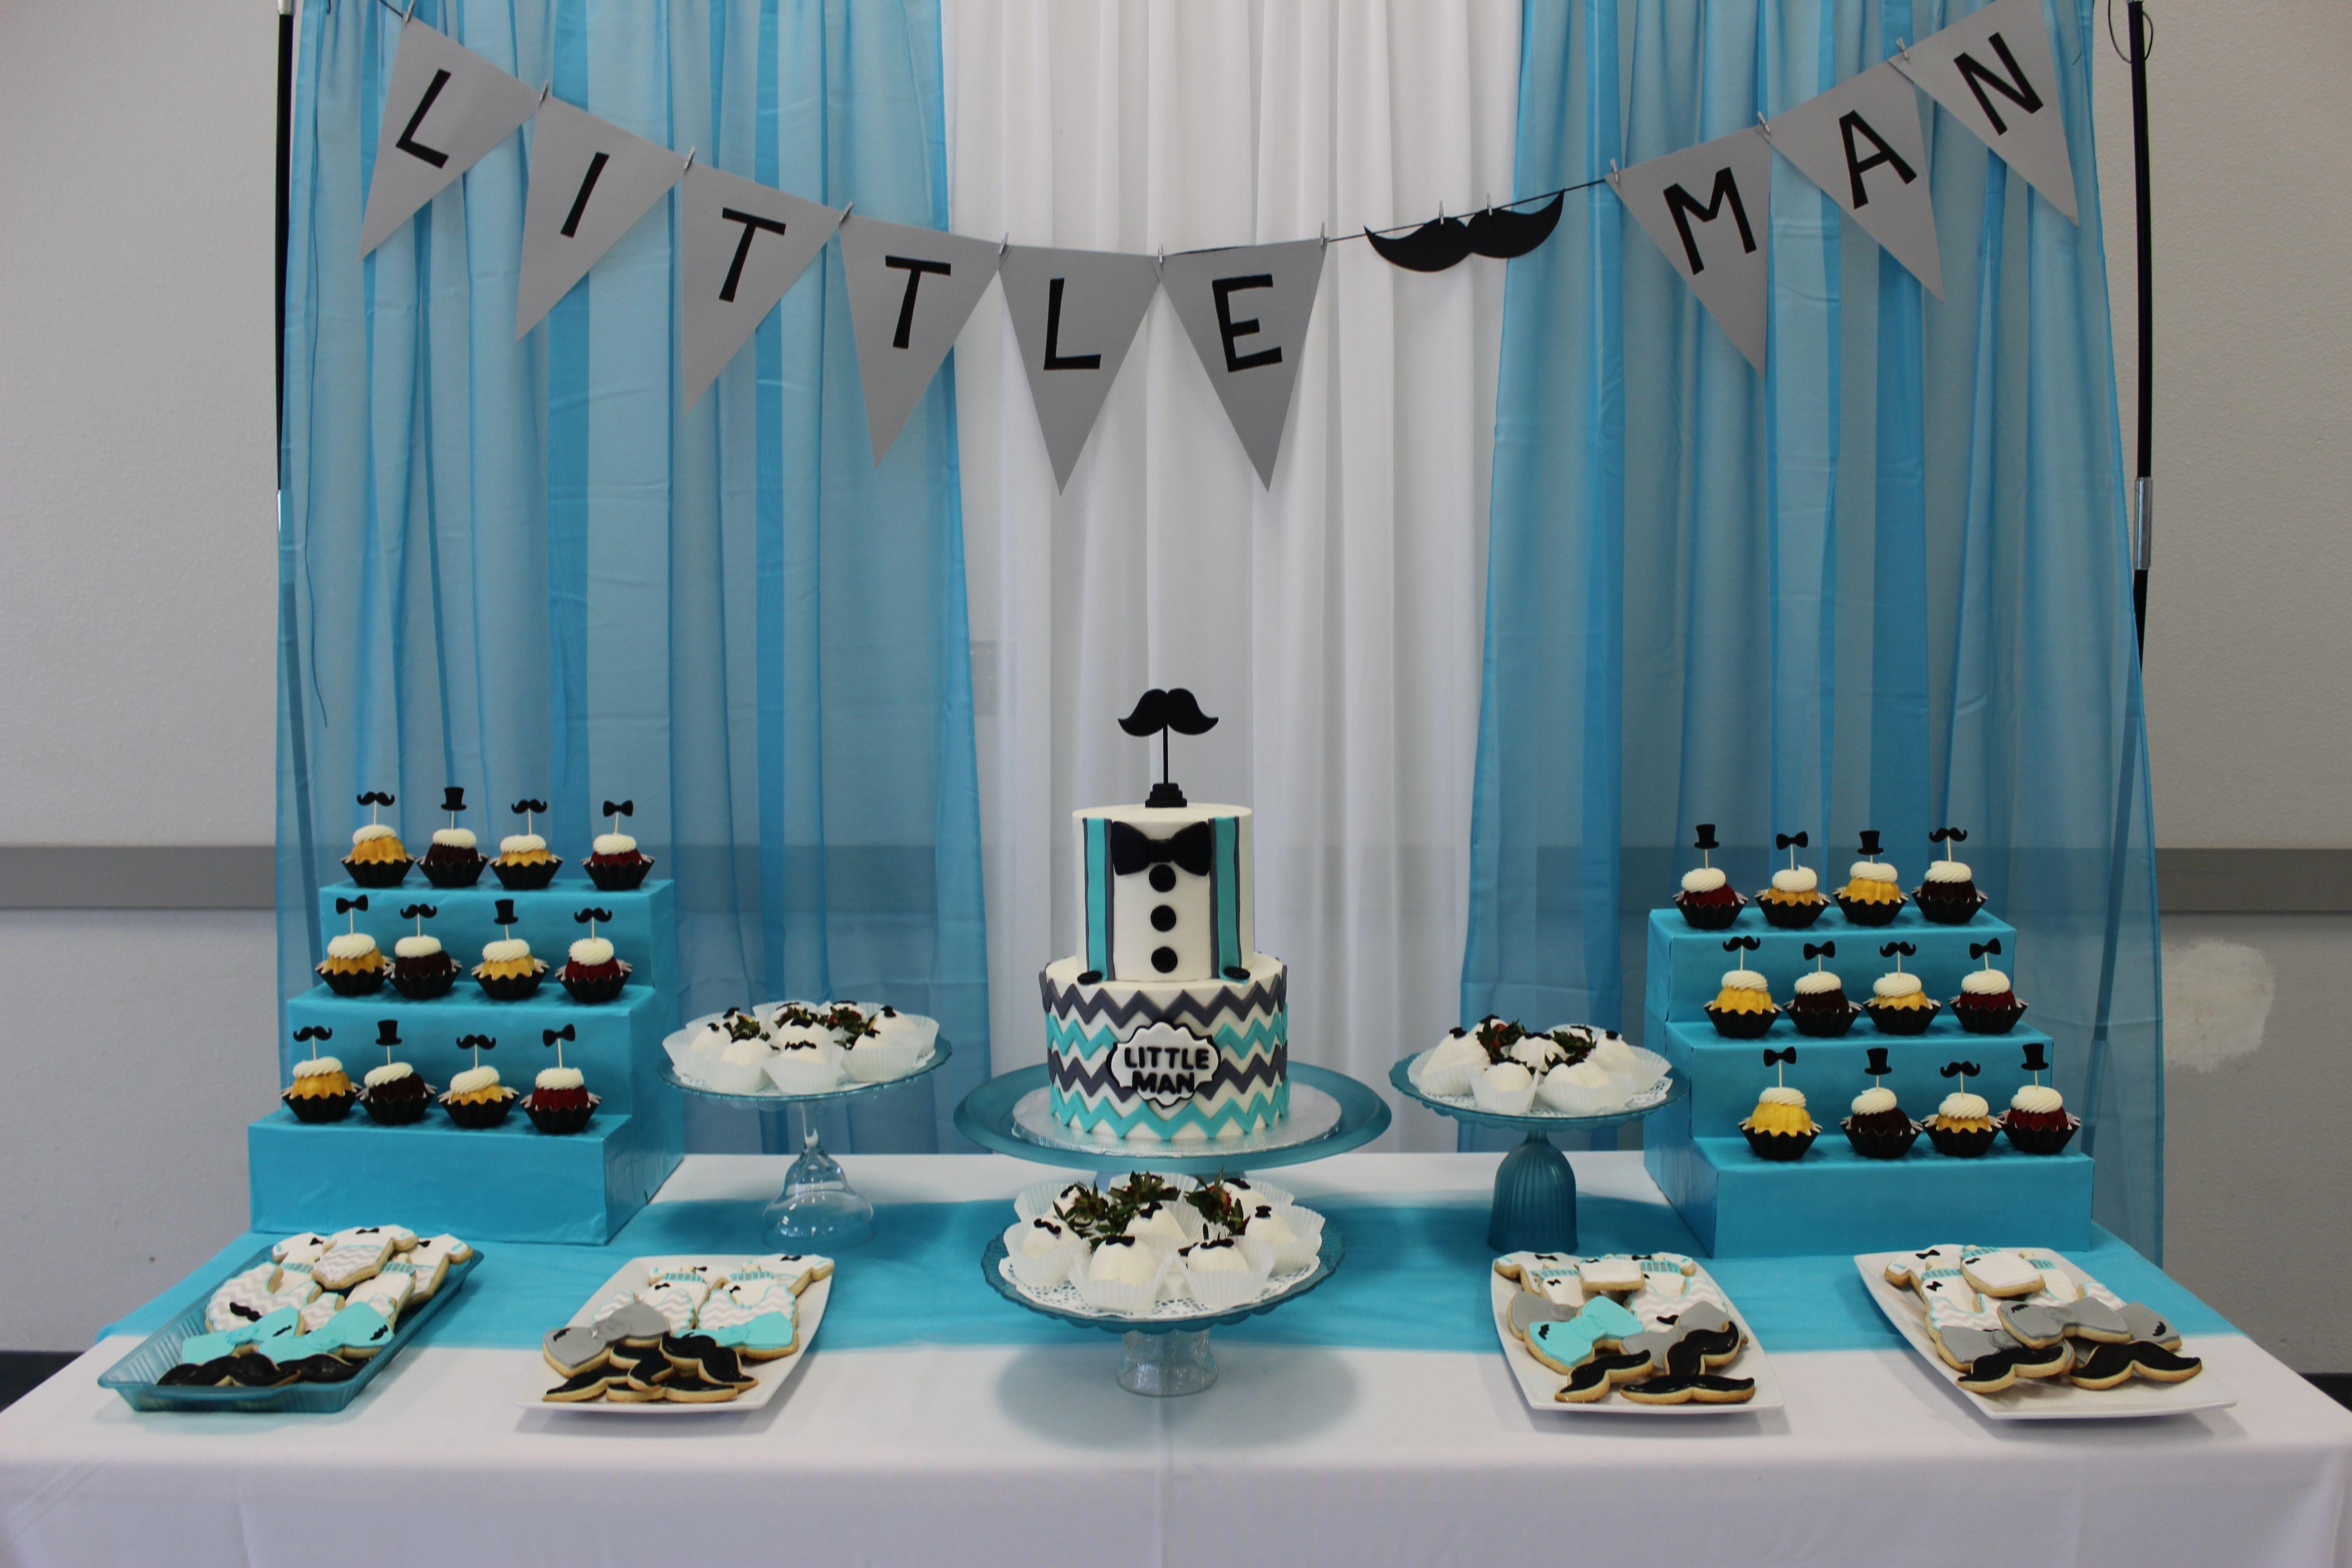 Little Man Baby shower theme #babyshowerideasfortwins  Boy baby